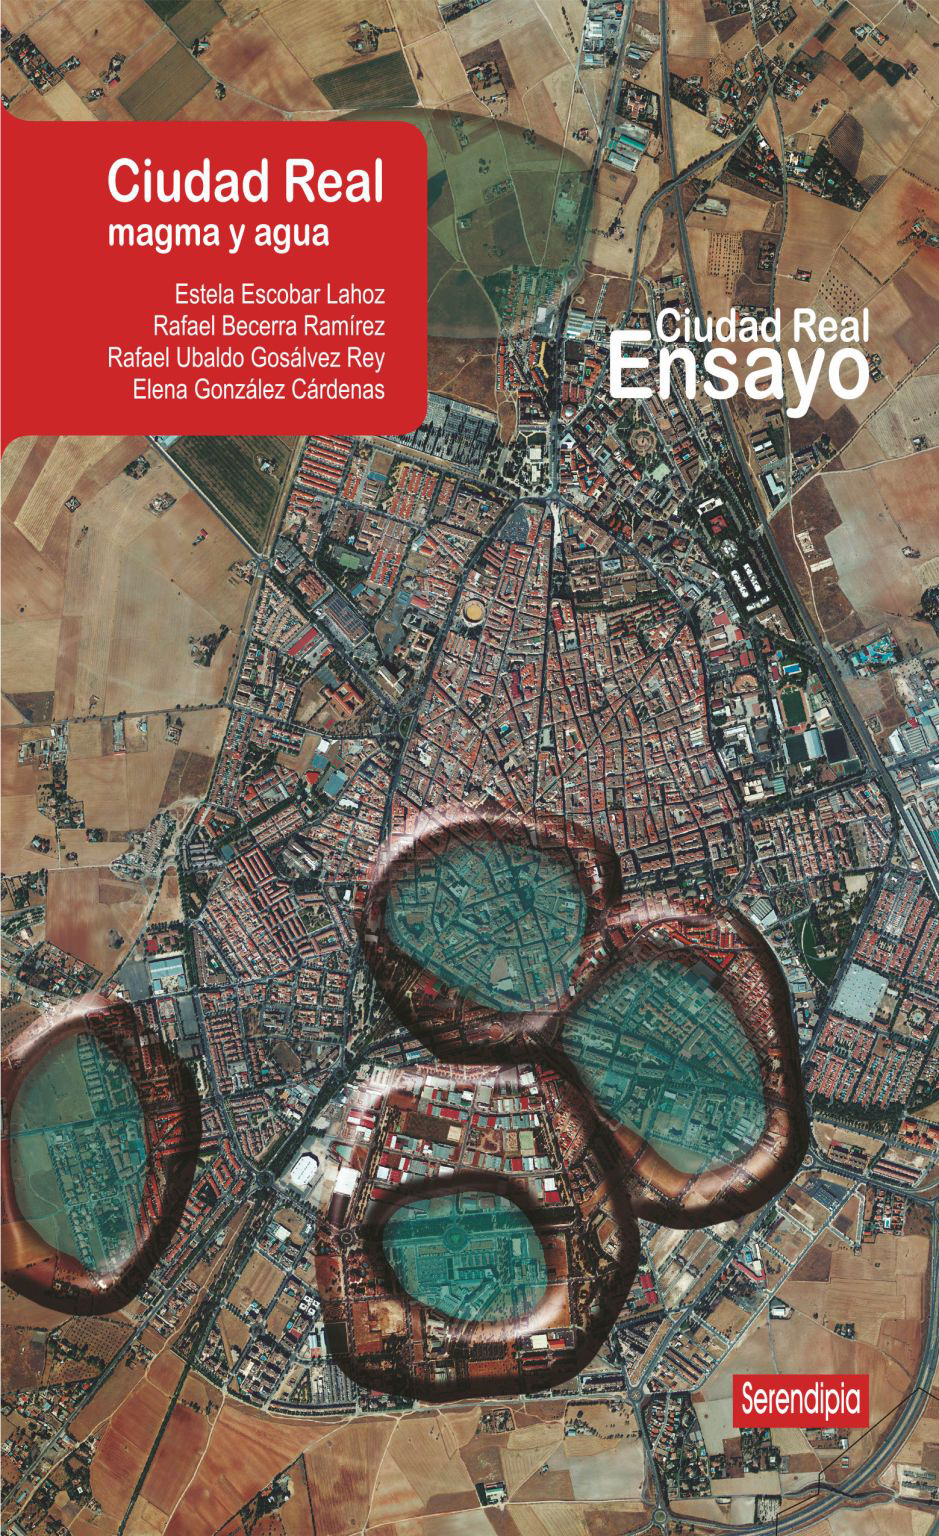 Serendipia va a publicar el libro elaborado por los miembros del Grupo de Investigación GEOVOL / Elena Rosa